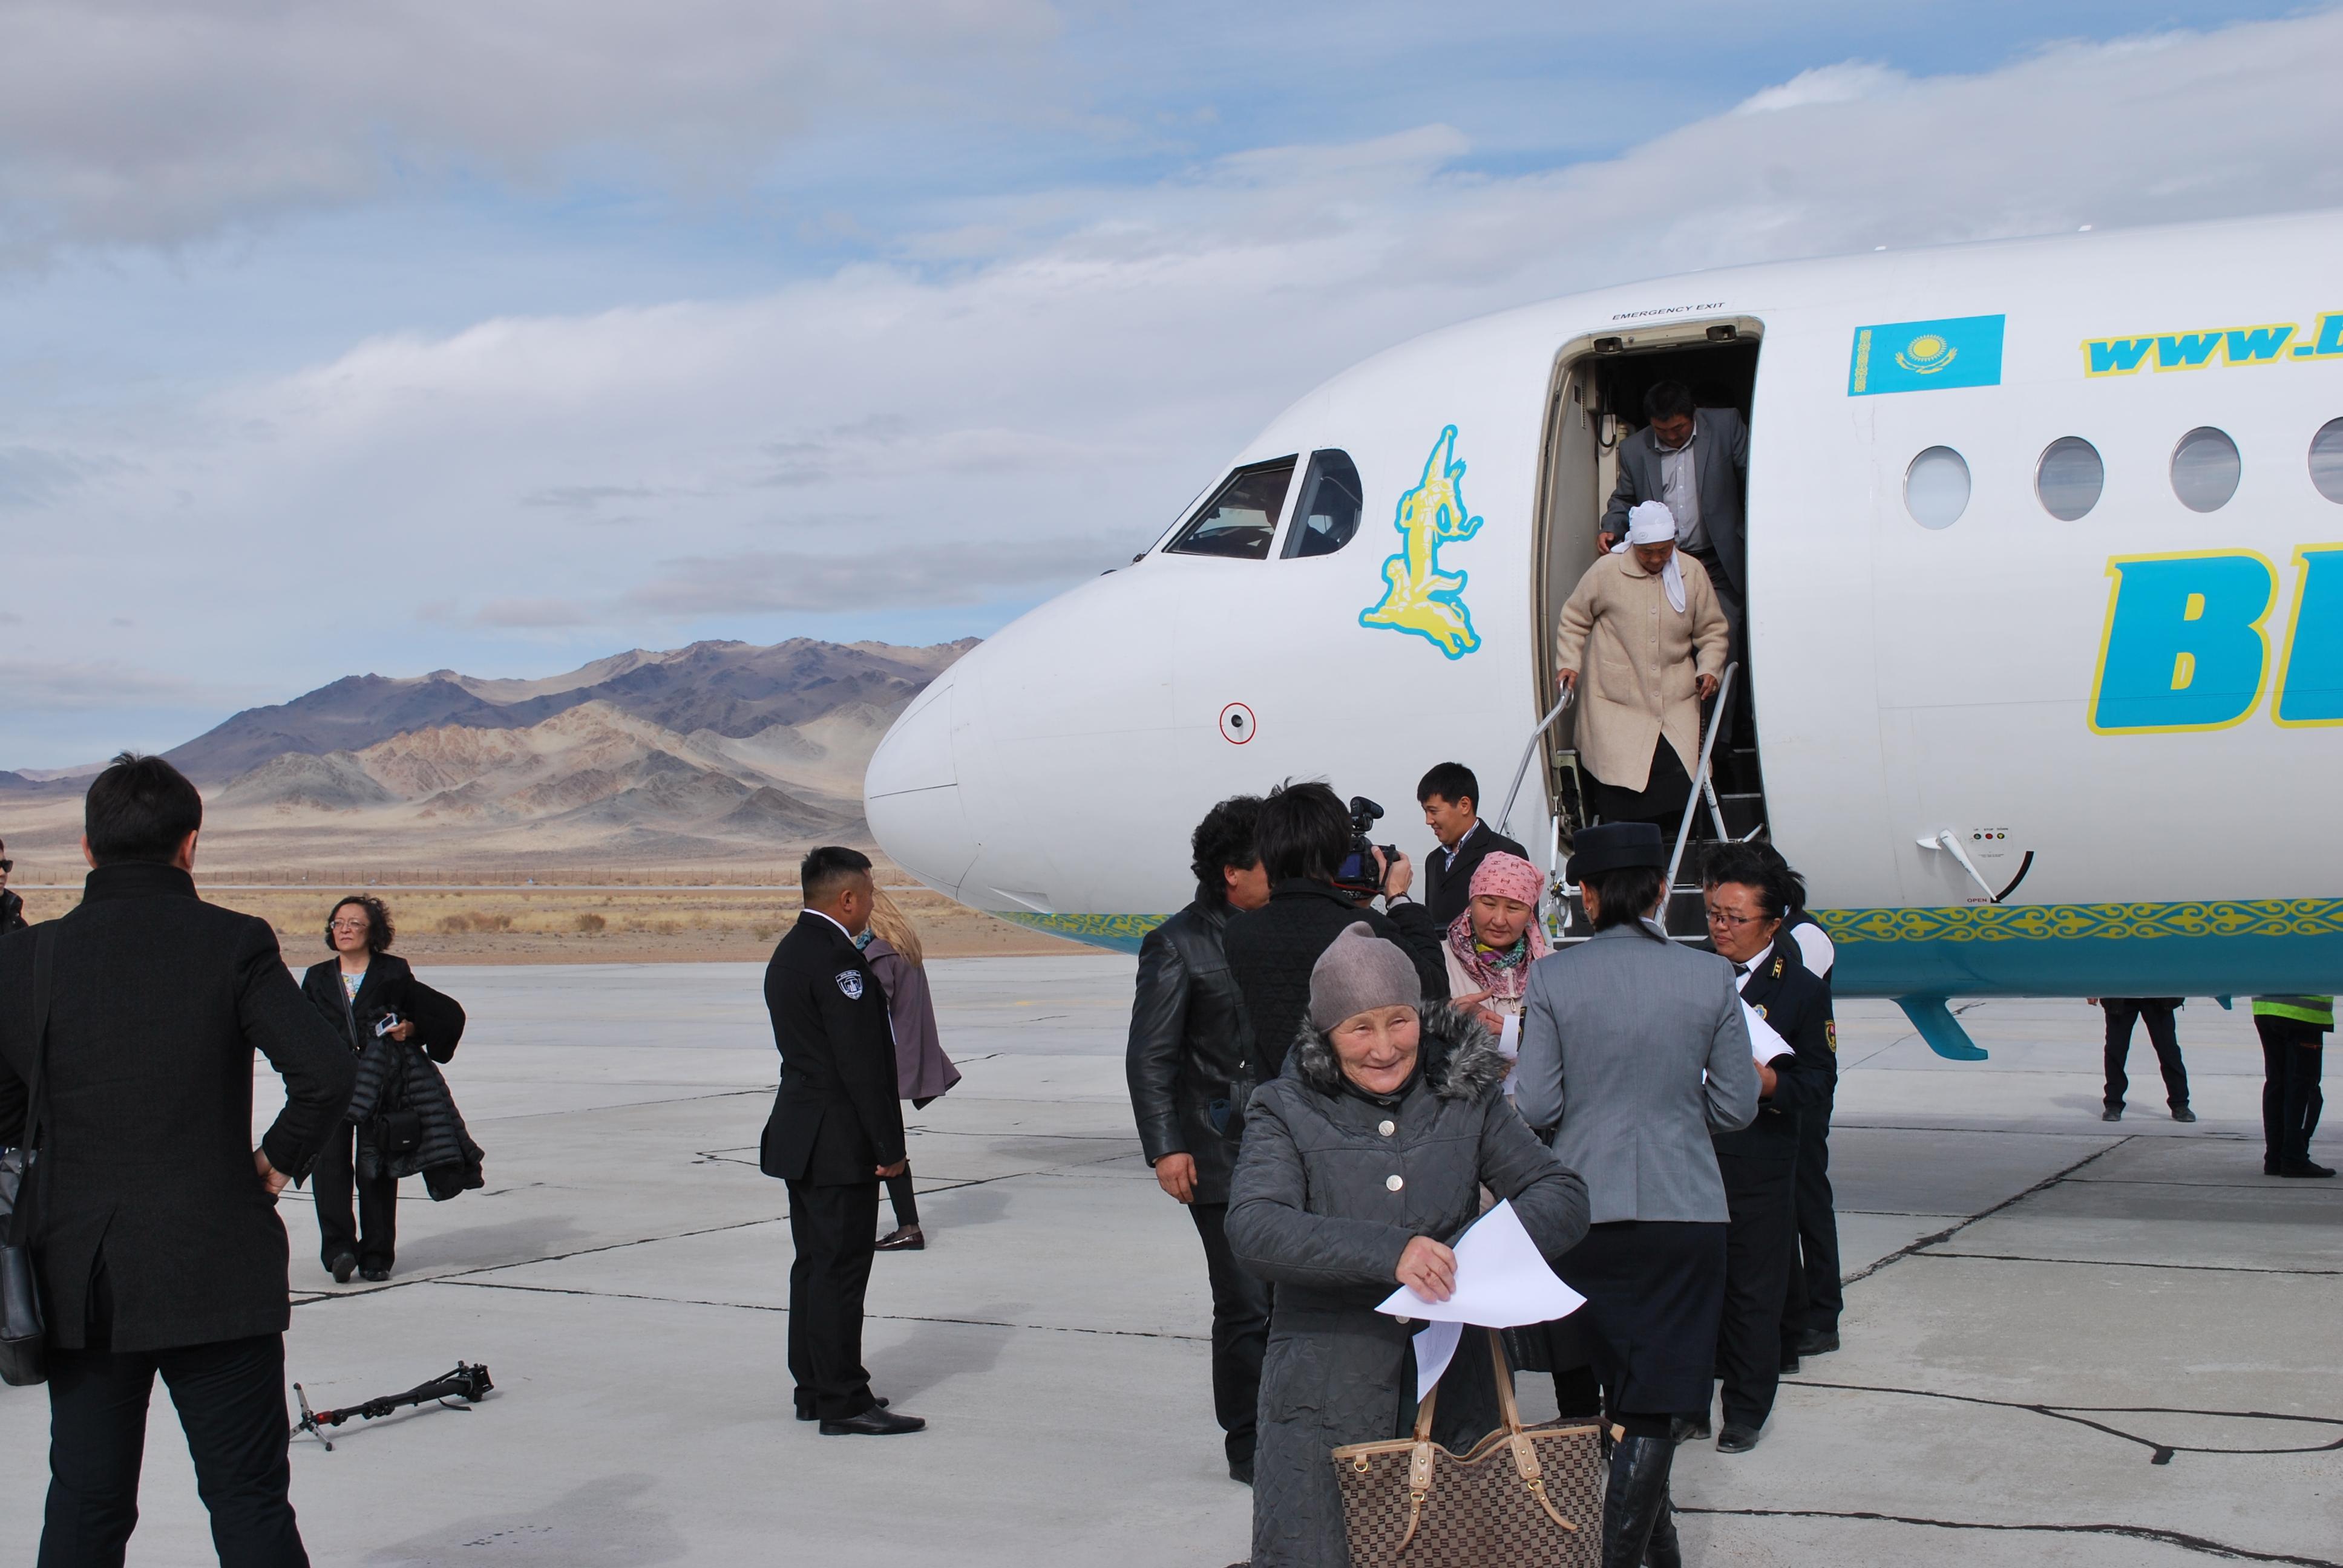 Билеты на самолет уральск алматы бек эйр купить билет на пригородный поезд в нижнем новгороде